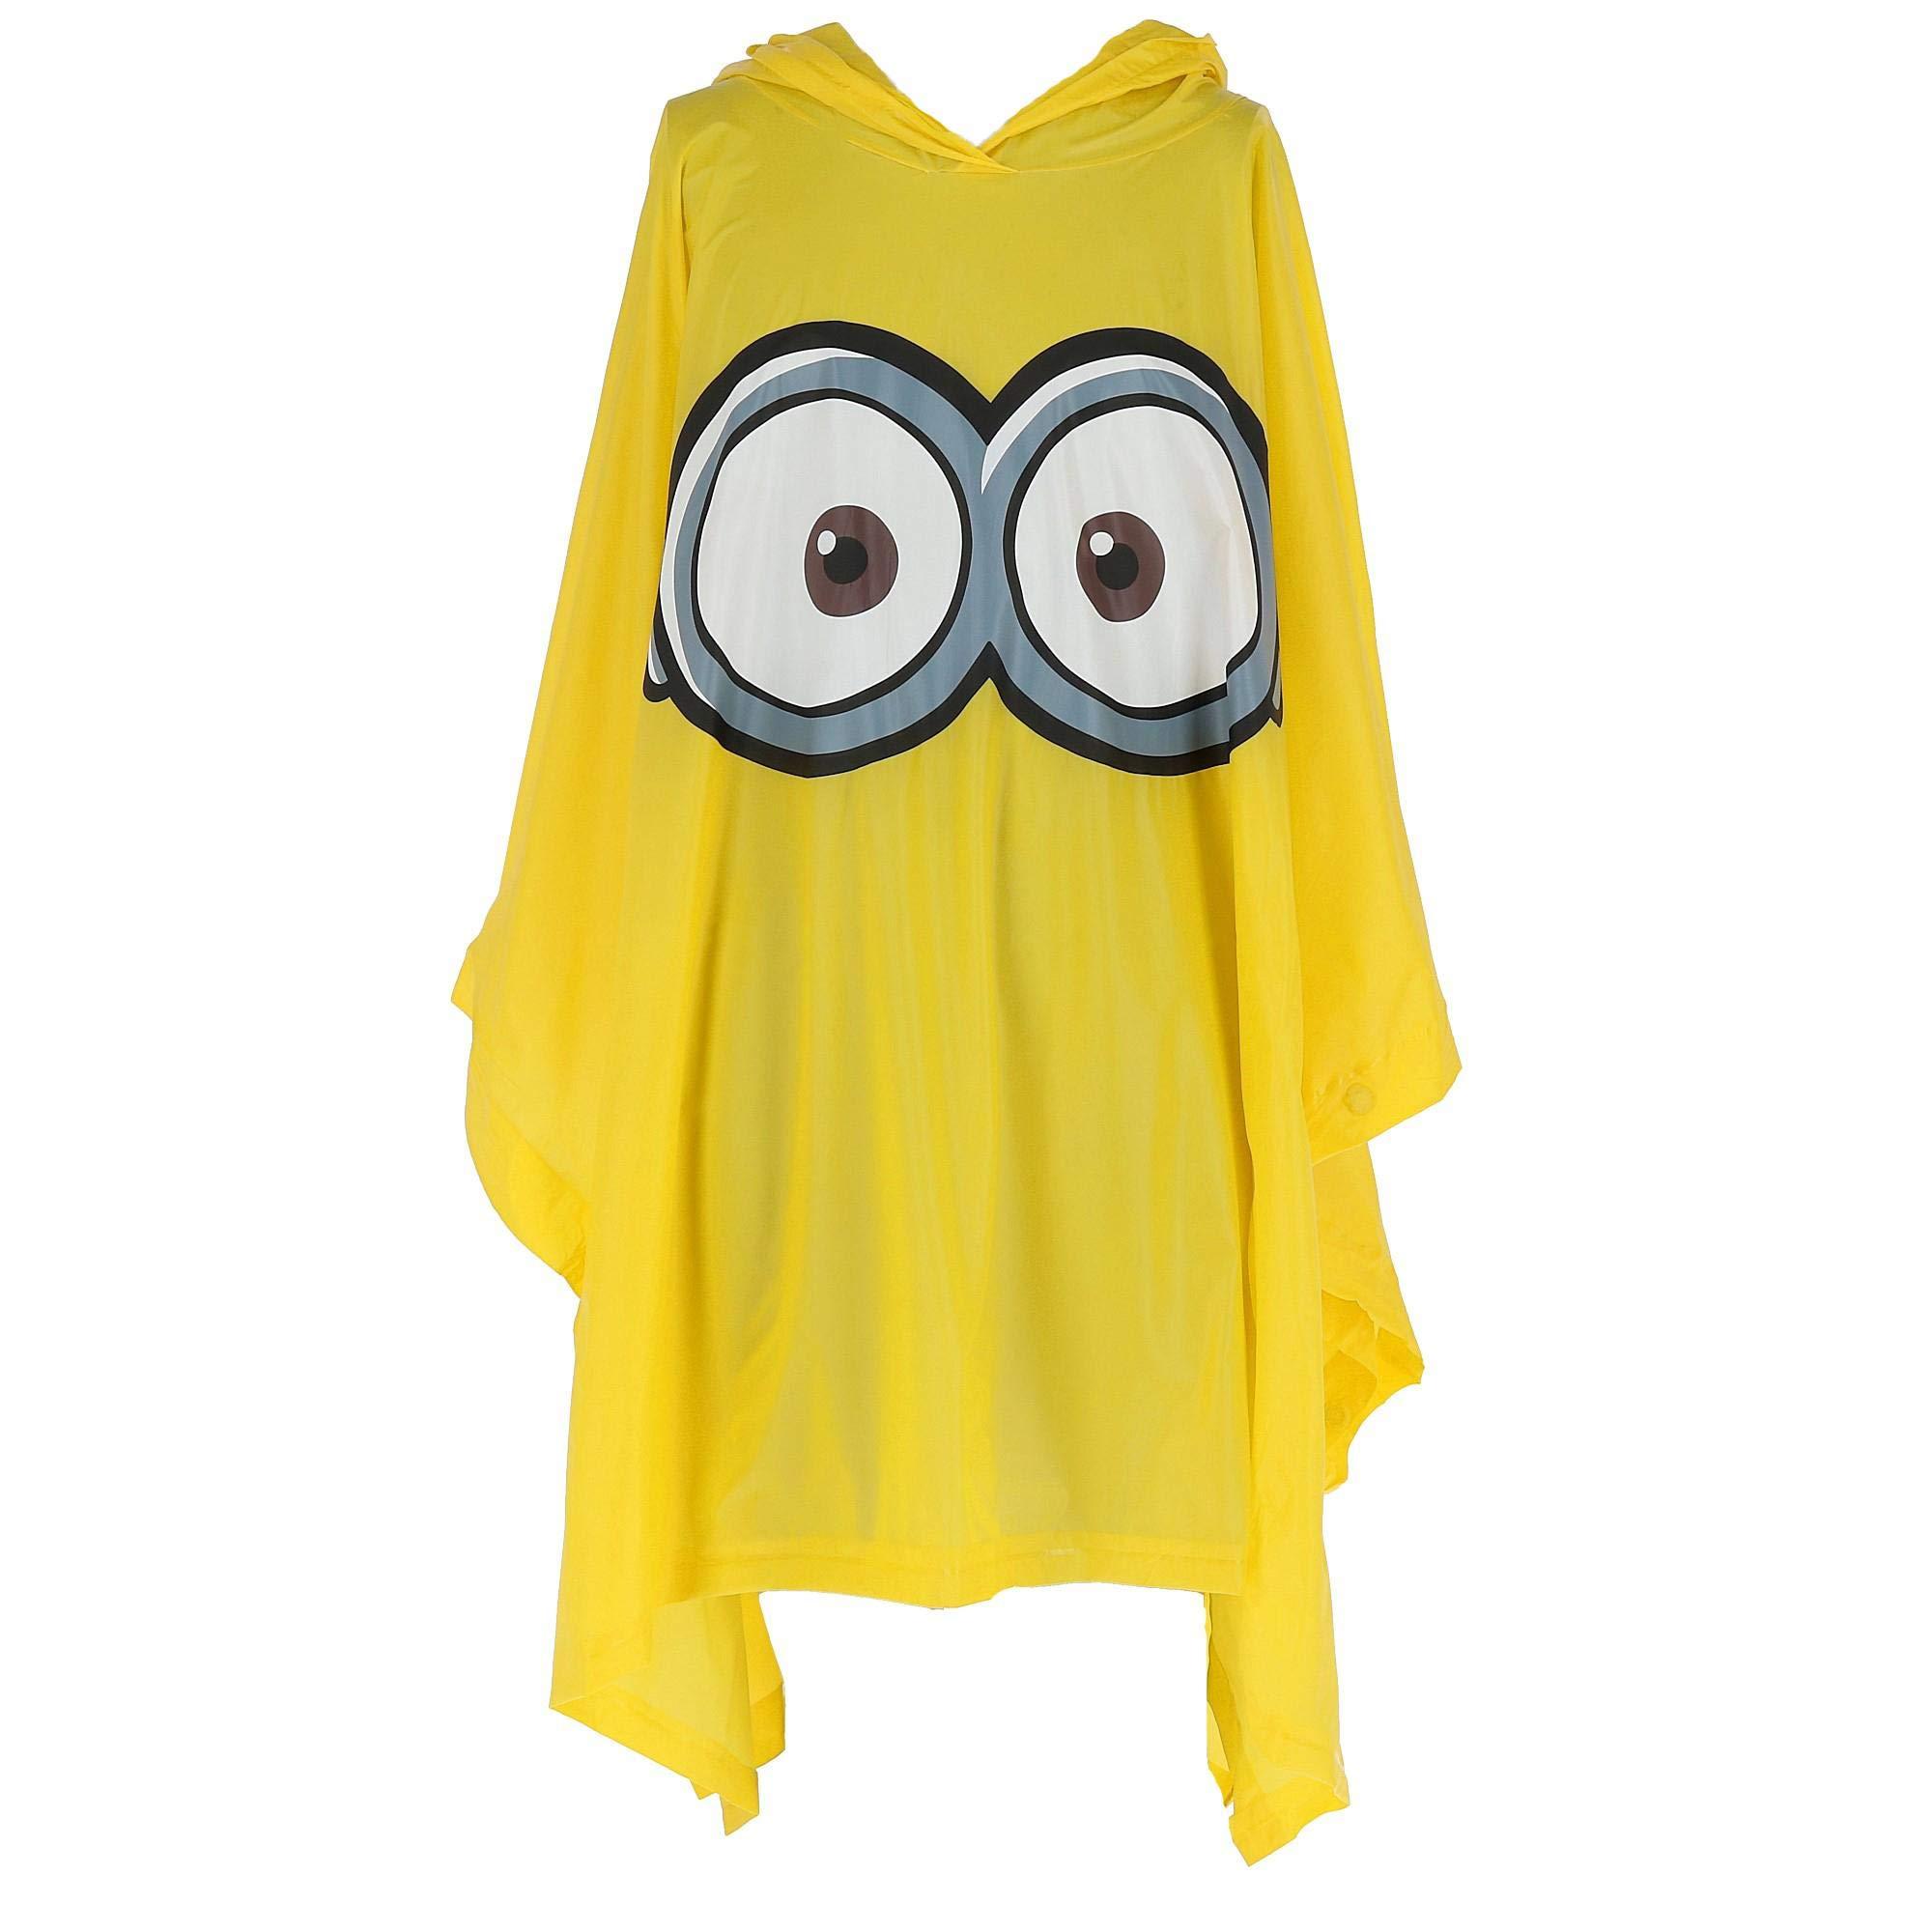 Illumination Entertainment Kid's Despicable Me Minion Rain Poncho, Yellow